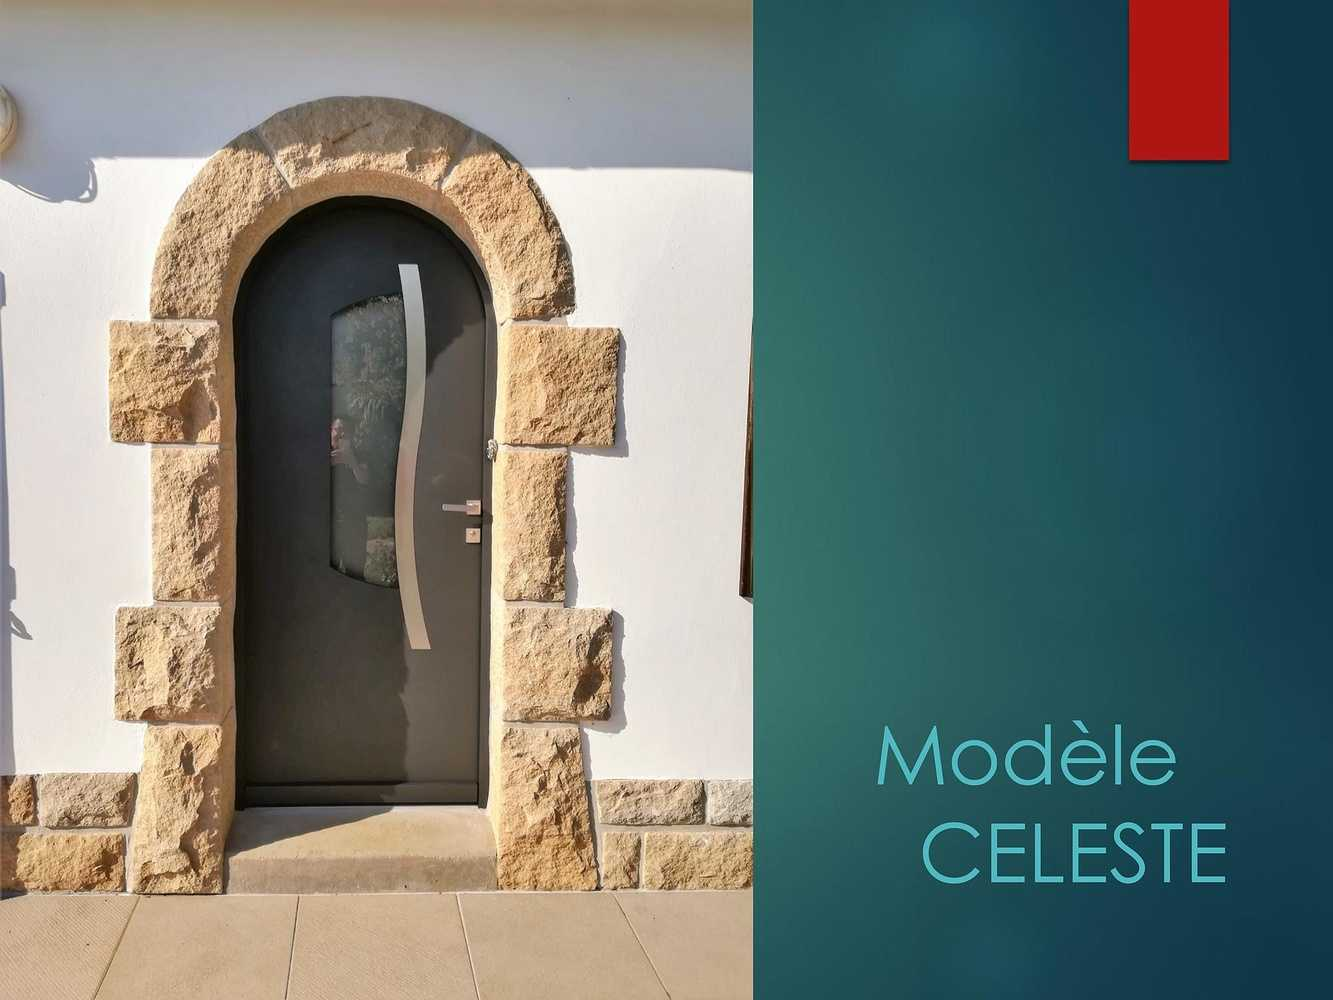 Porte d''entrée - Modèle Celeste 0